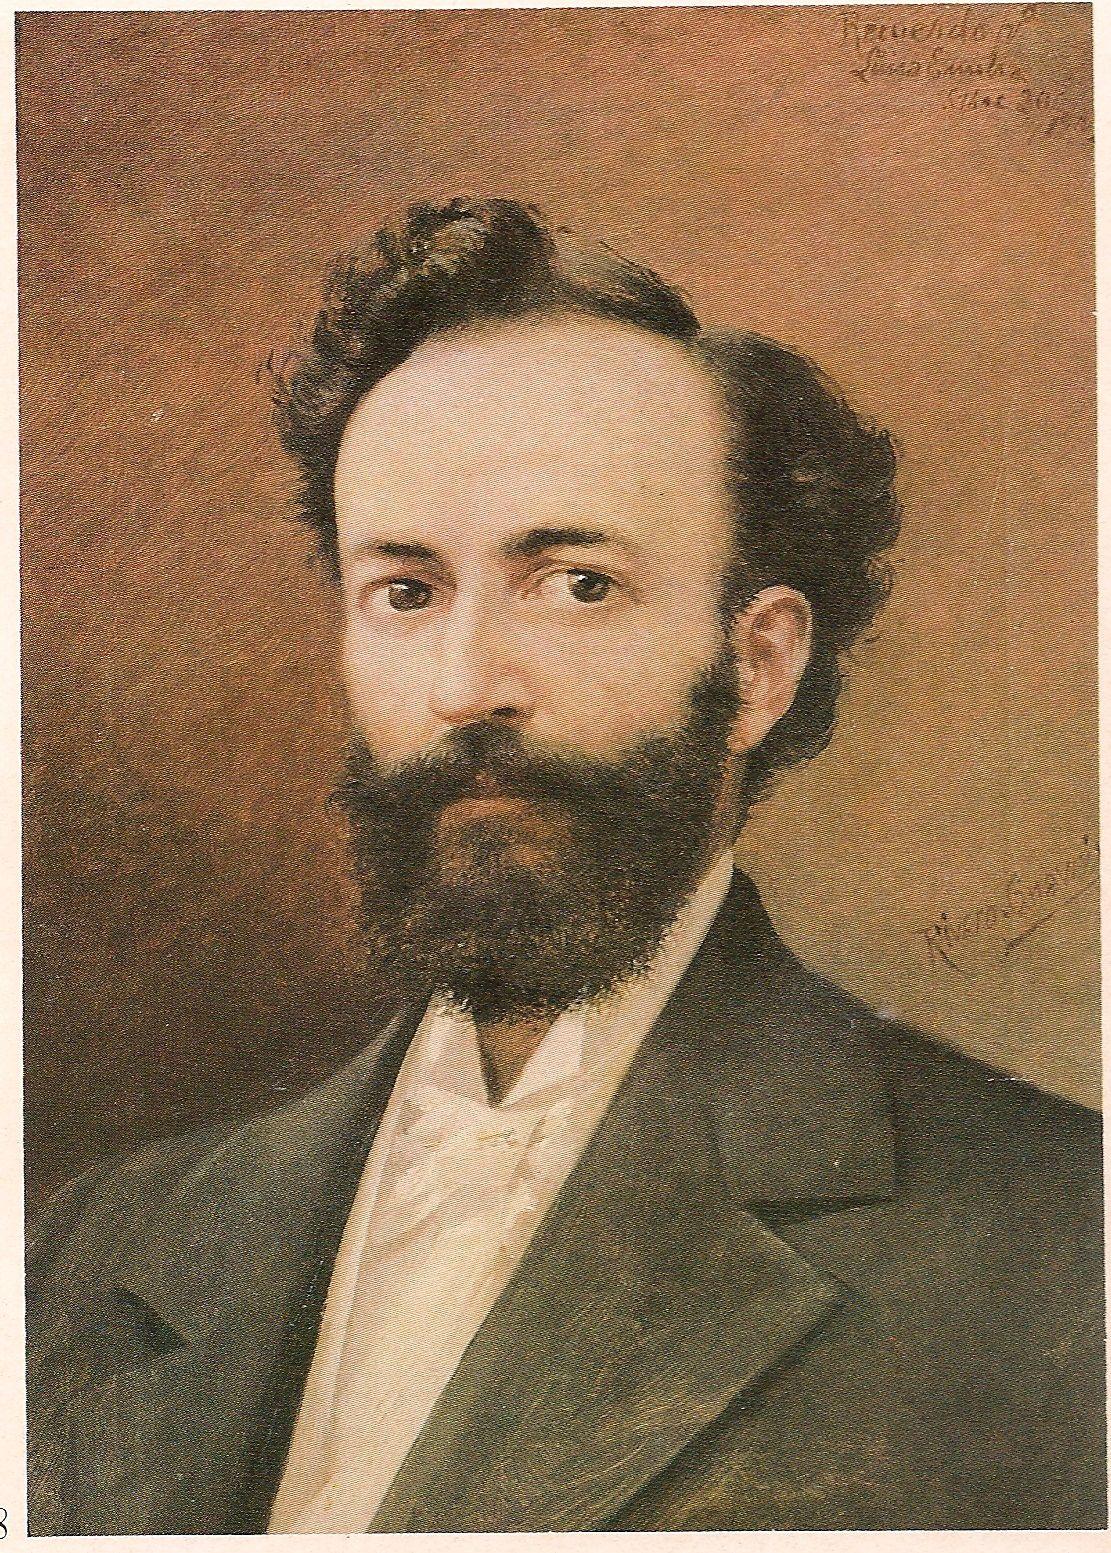 Carlos Rivero Sanabria 1903